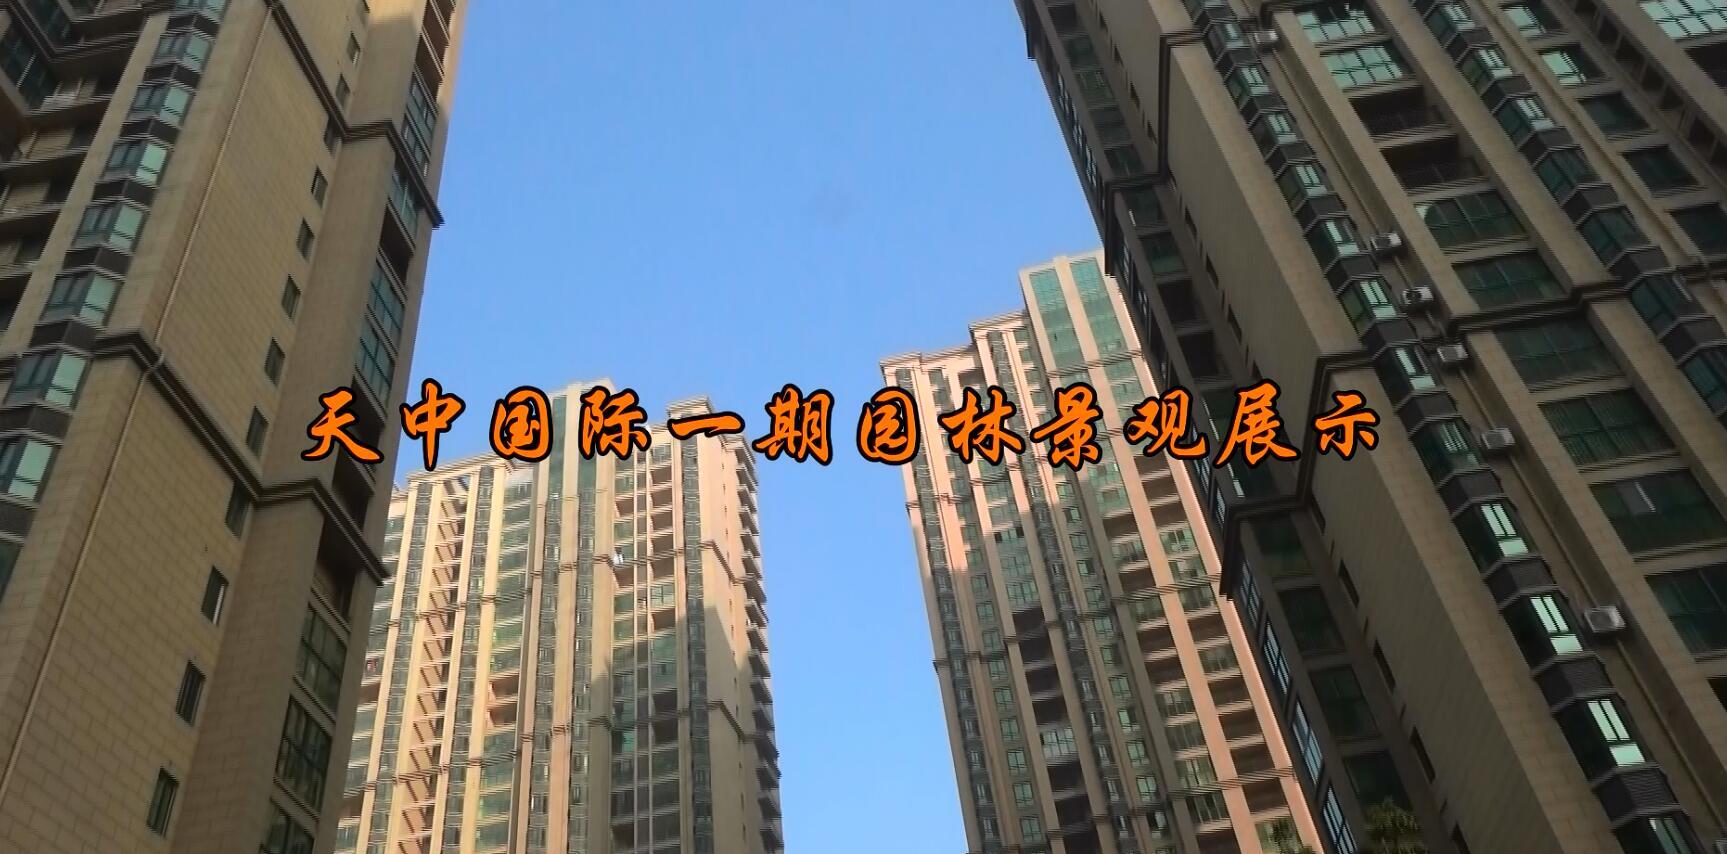 天中国际一期园林景观展示